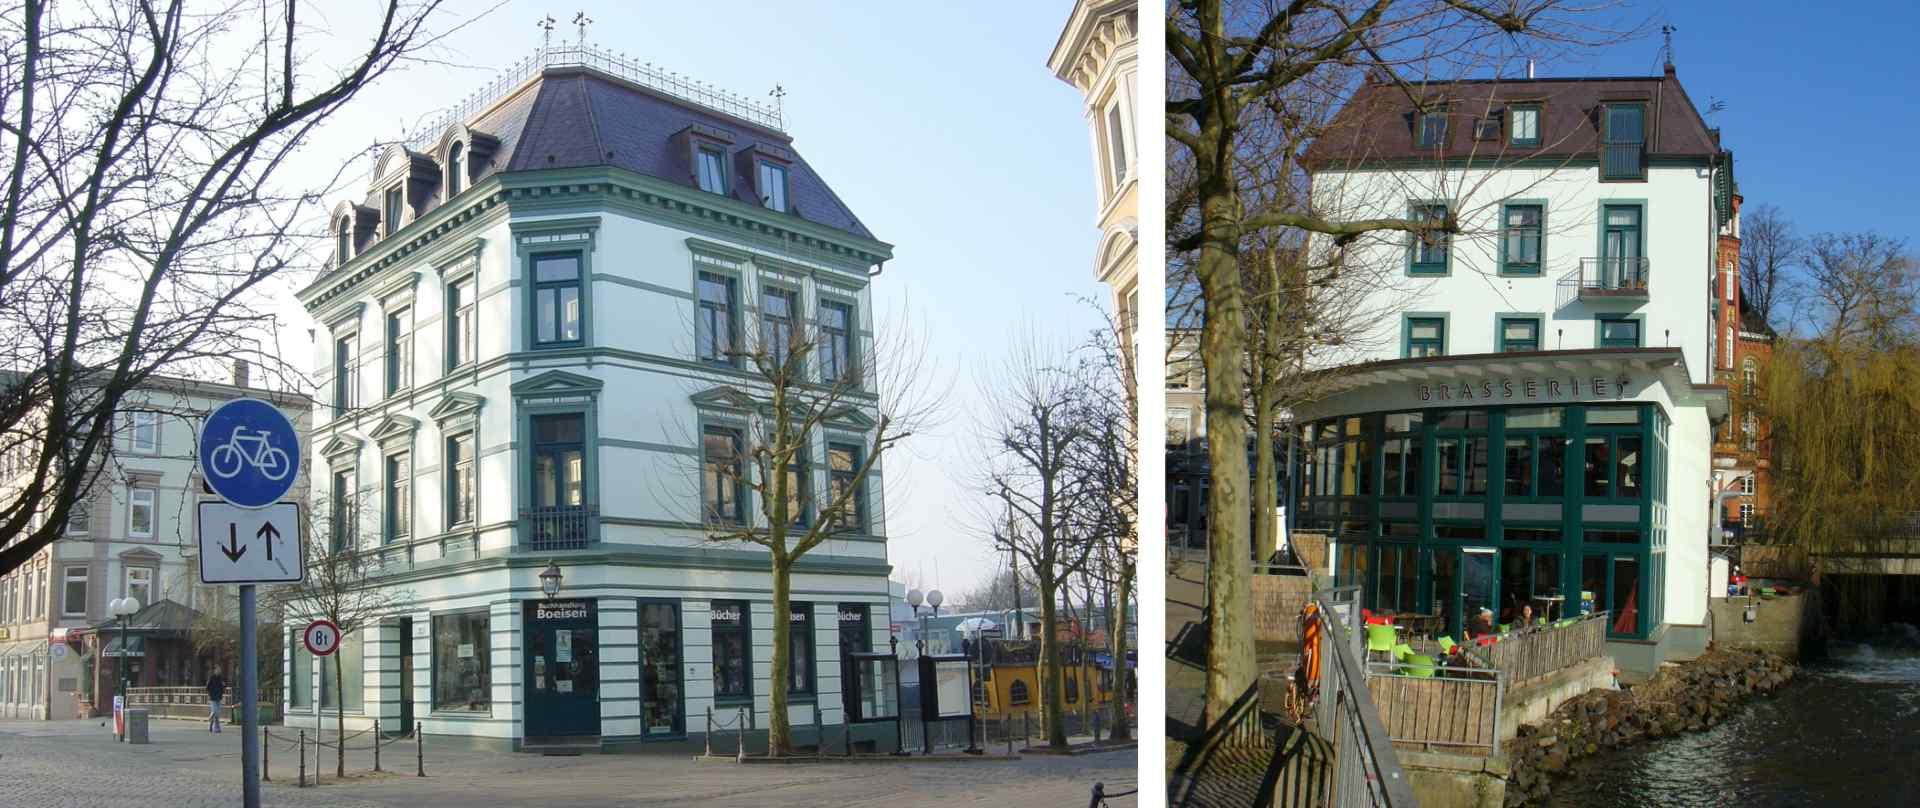 Bergedorf - Bauen im Bestand | Architekt